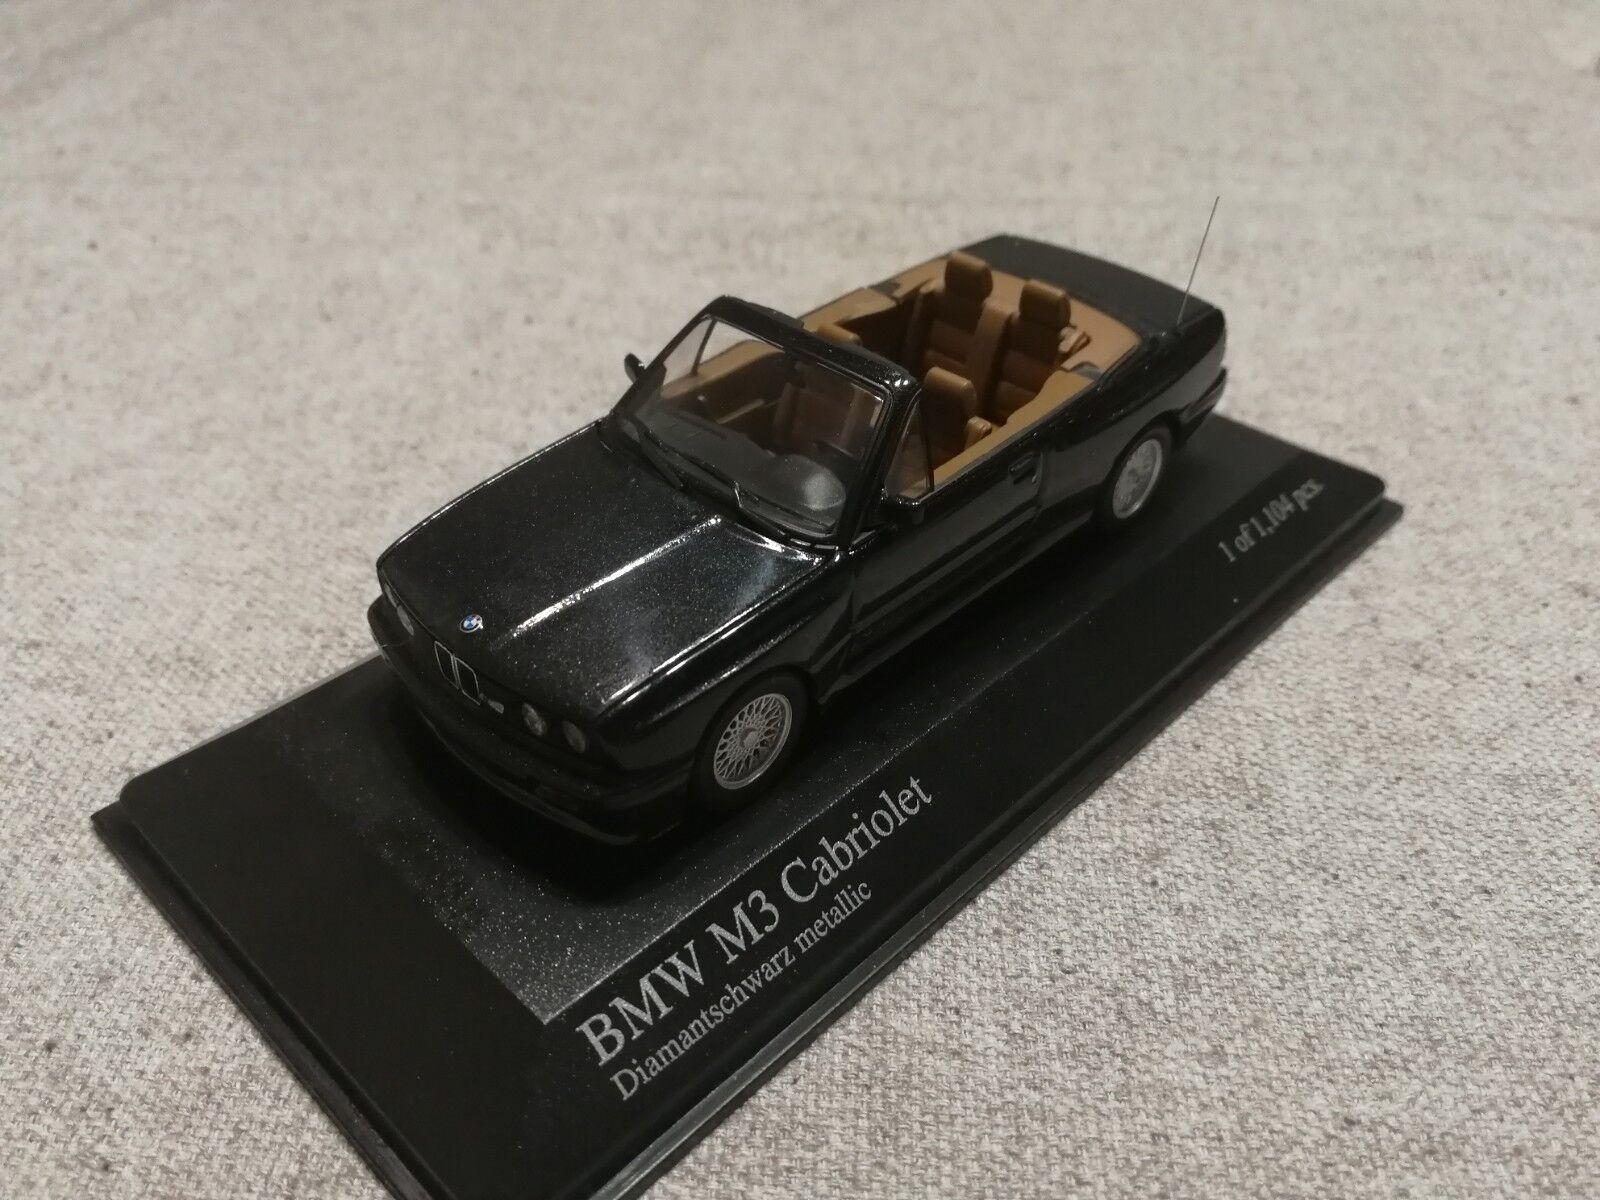 buena reputación BMW M3 M3 M3 Cabrio 1988 Negro Metalizado (MINICHAMPS) 1 43    Raro     Envio gratis en todas las ordenes